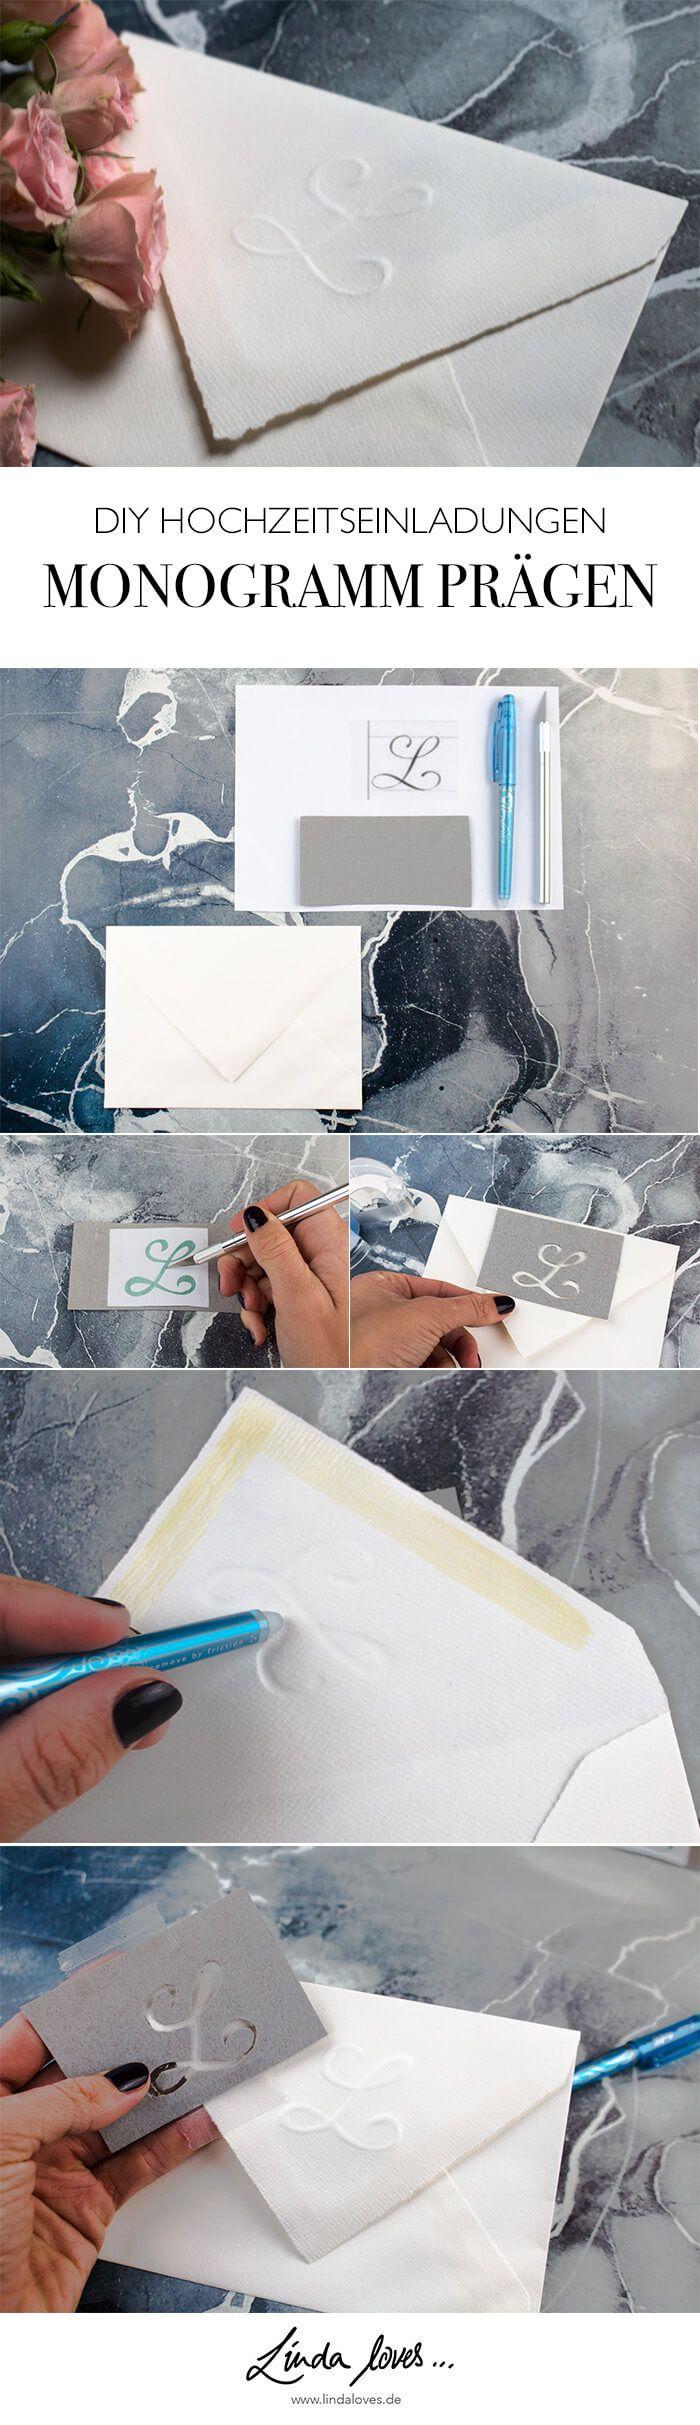 Monogramm prägen DIY Blog Hochzeit Einladungskarten selber gestalten